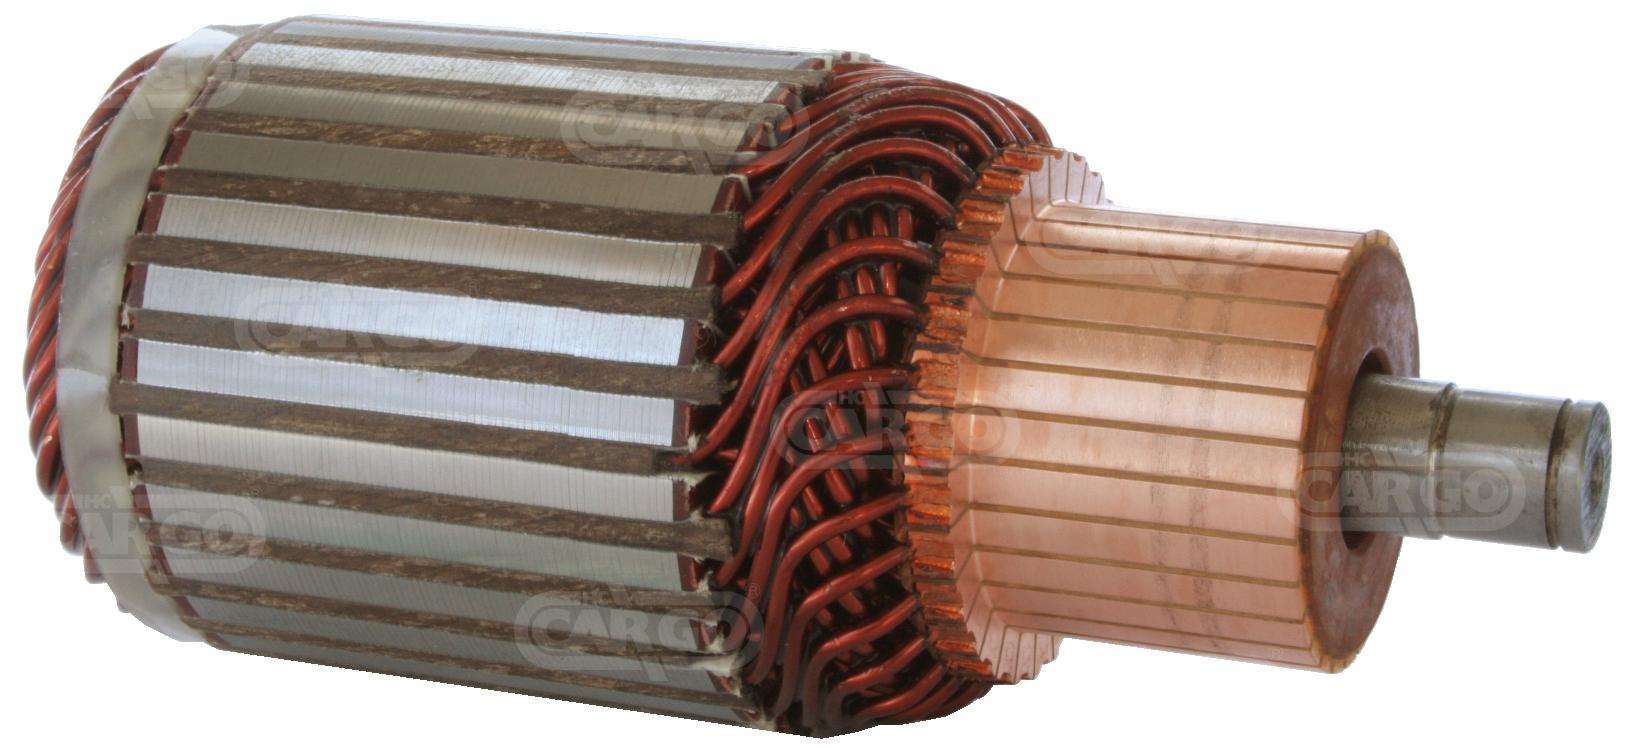 Induit 091 Voltage24 KW1.5